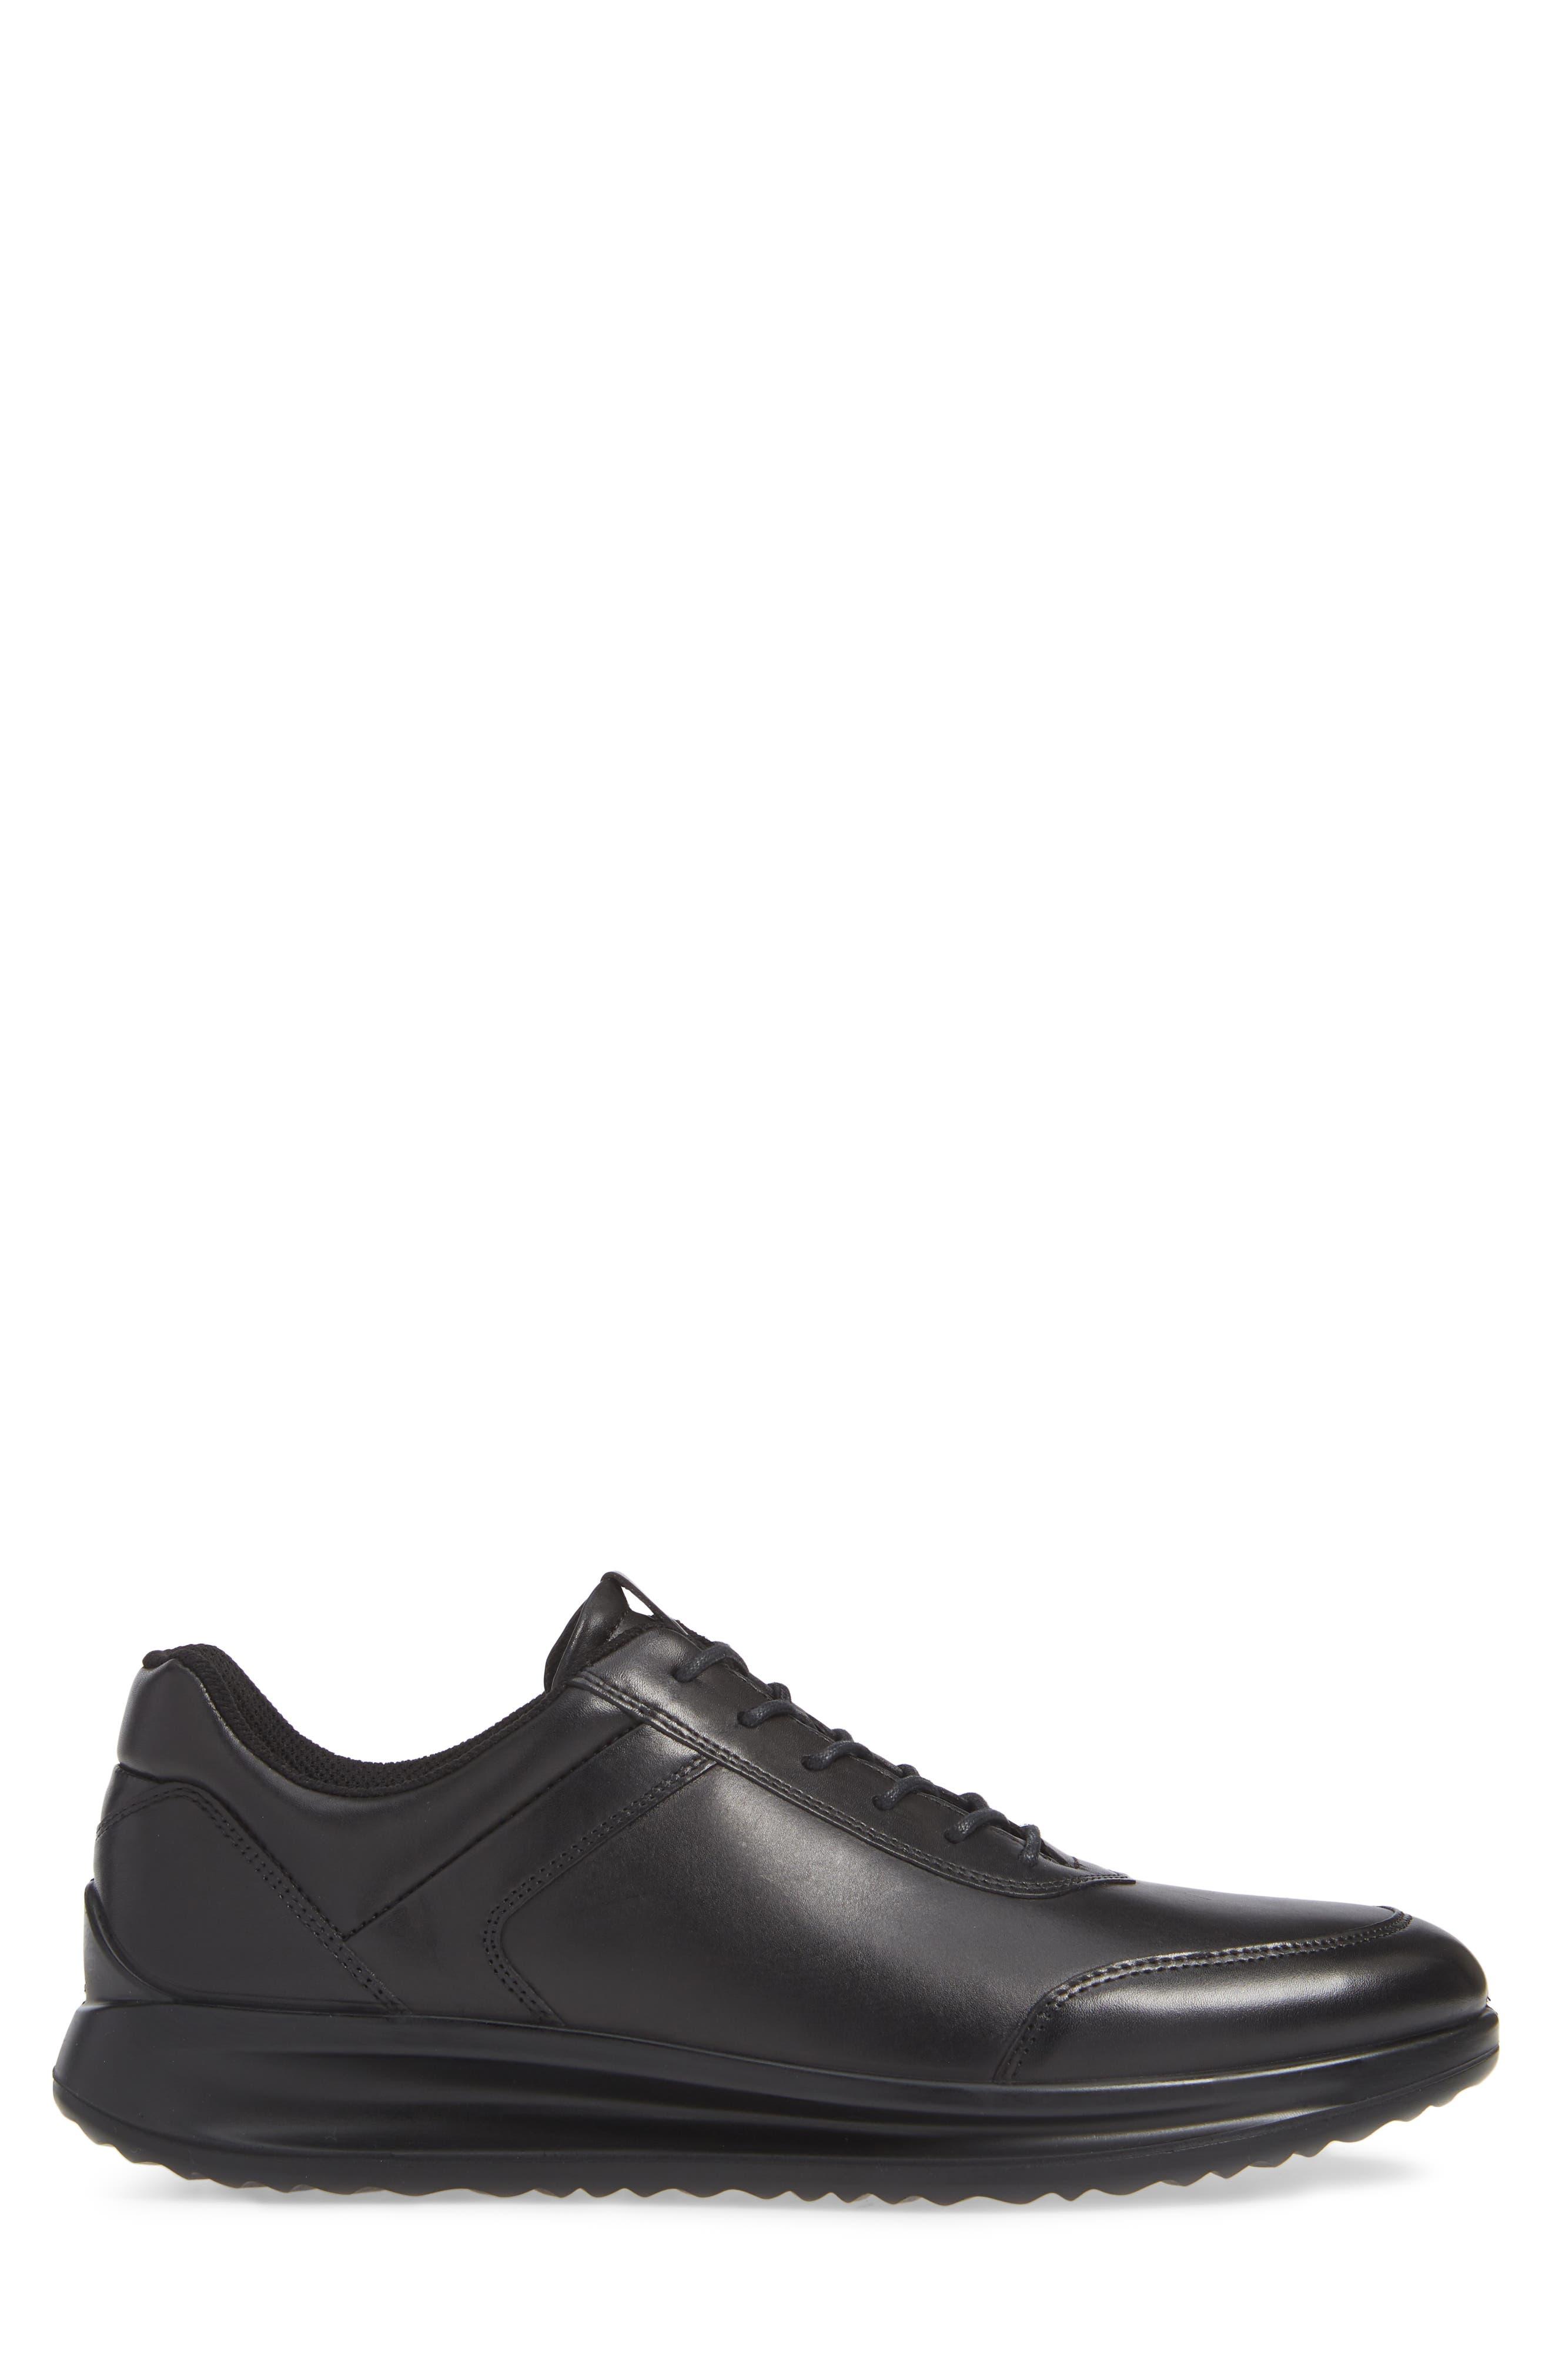 Aquet Low Top Sneaker,                             Alternate thumbnail 3, color,                             BLACK LEATHER